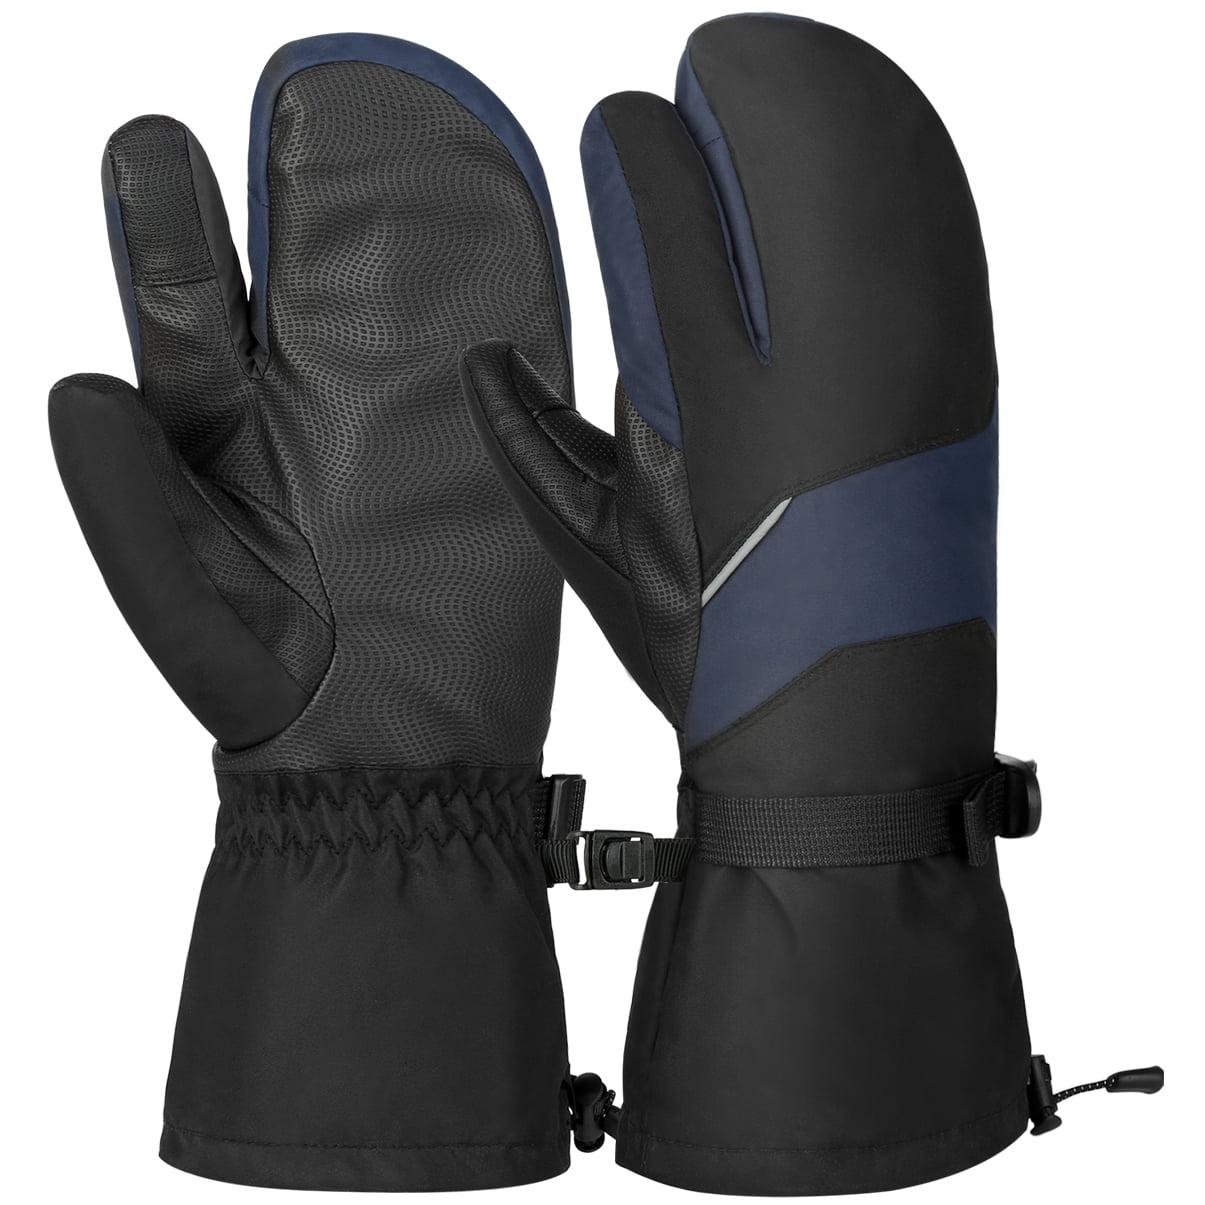 Vbiger Unisex Ski Gloves Warm Winter Gloves Thick Sports